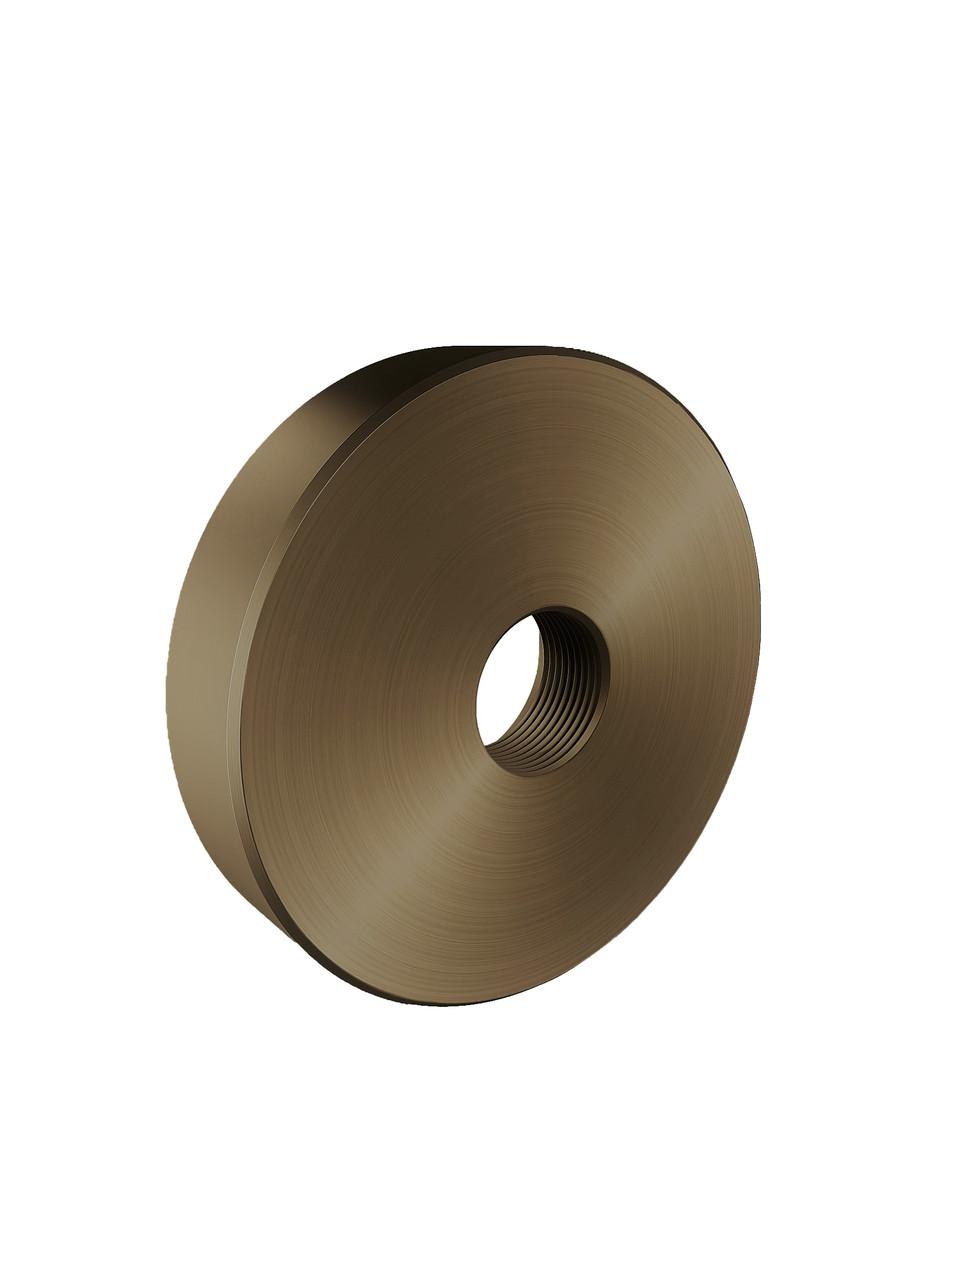 ODF-06-26-30-L10 Дистанция 10 мм для коннектора диаметром 40 мм и с резьбой М10, цвет матовая бронза